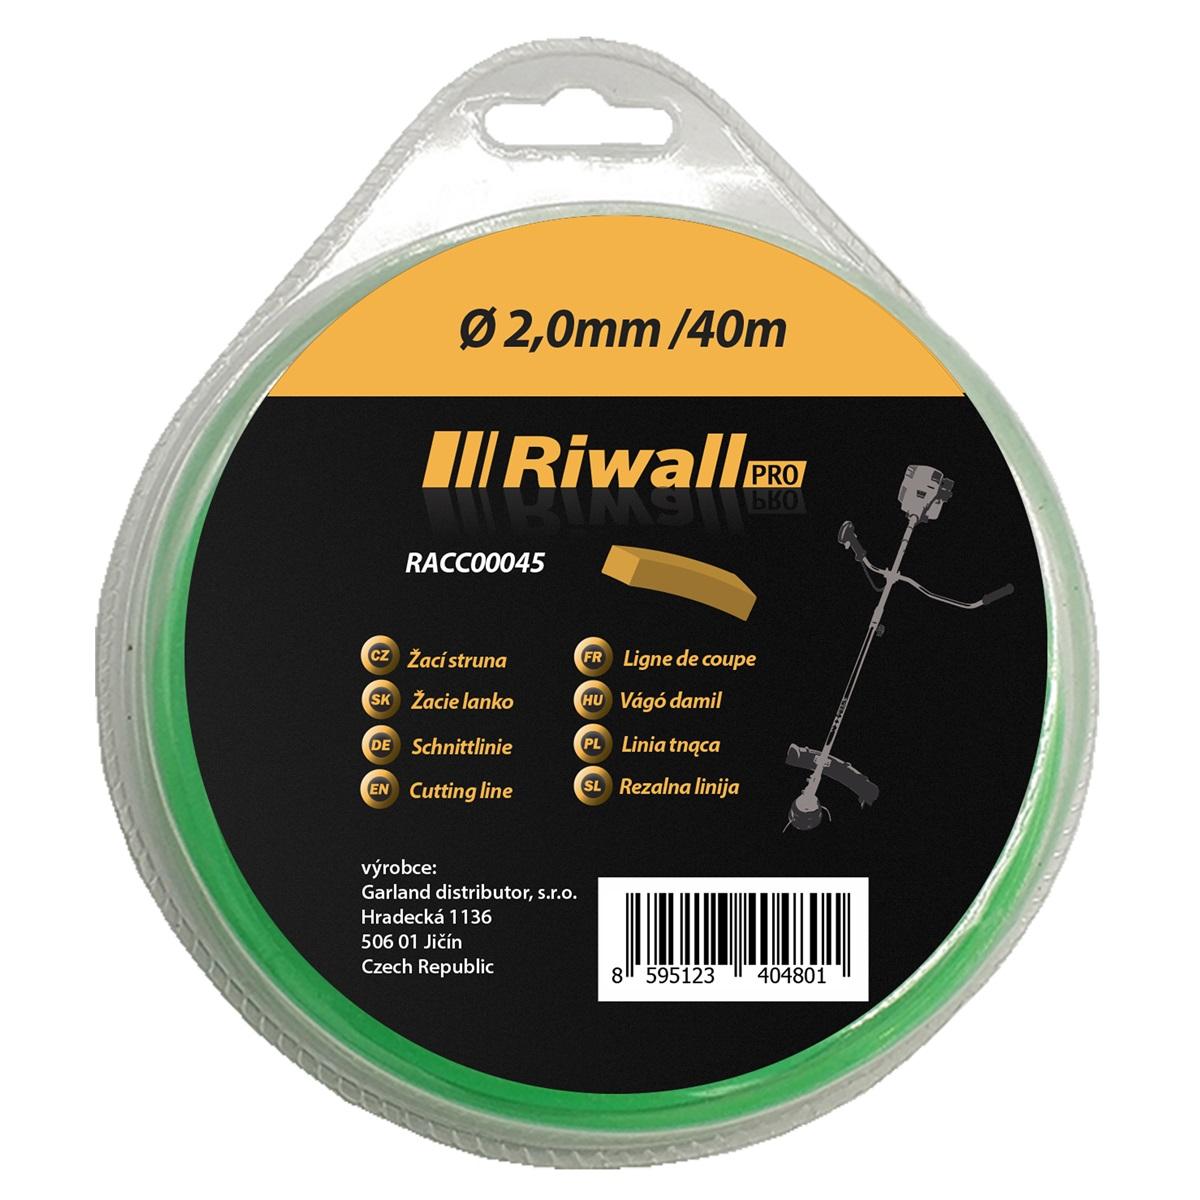 Riwall PRO Žacie lanko pr. 2mm, dĺžka 40m, štvorcový prierez